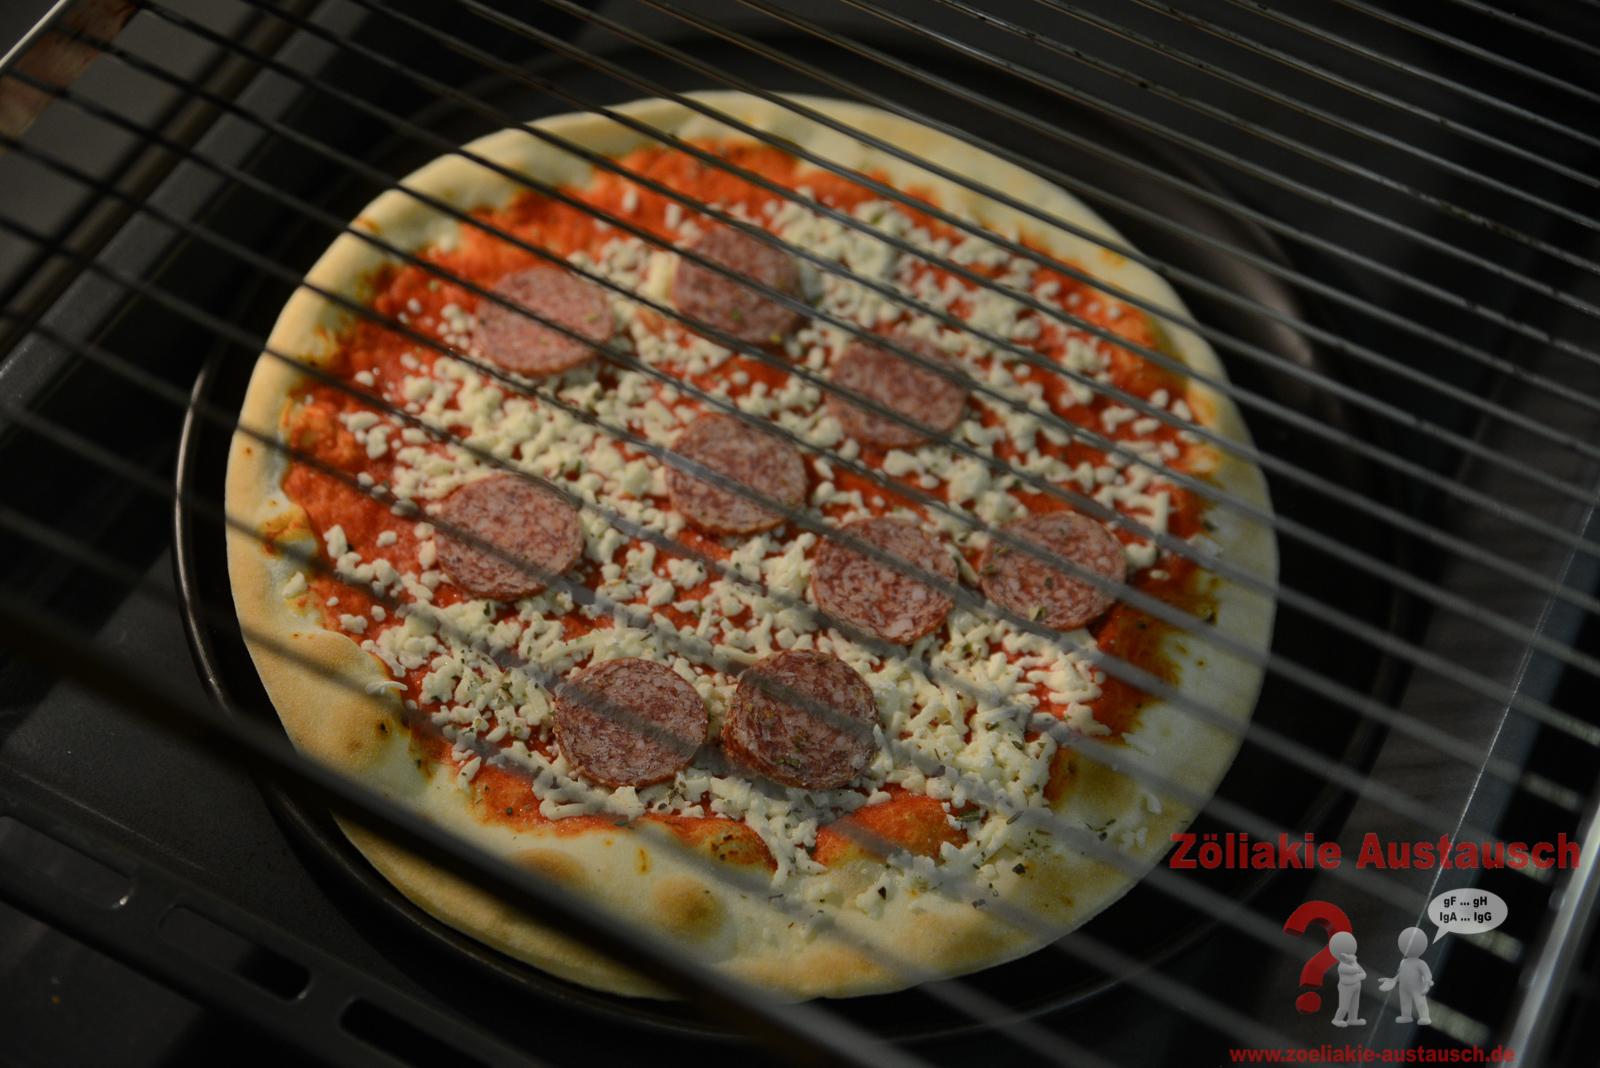 Schaer_Pizza-Zoeliakie_Austausch_023